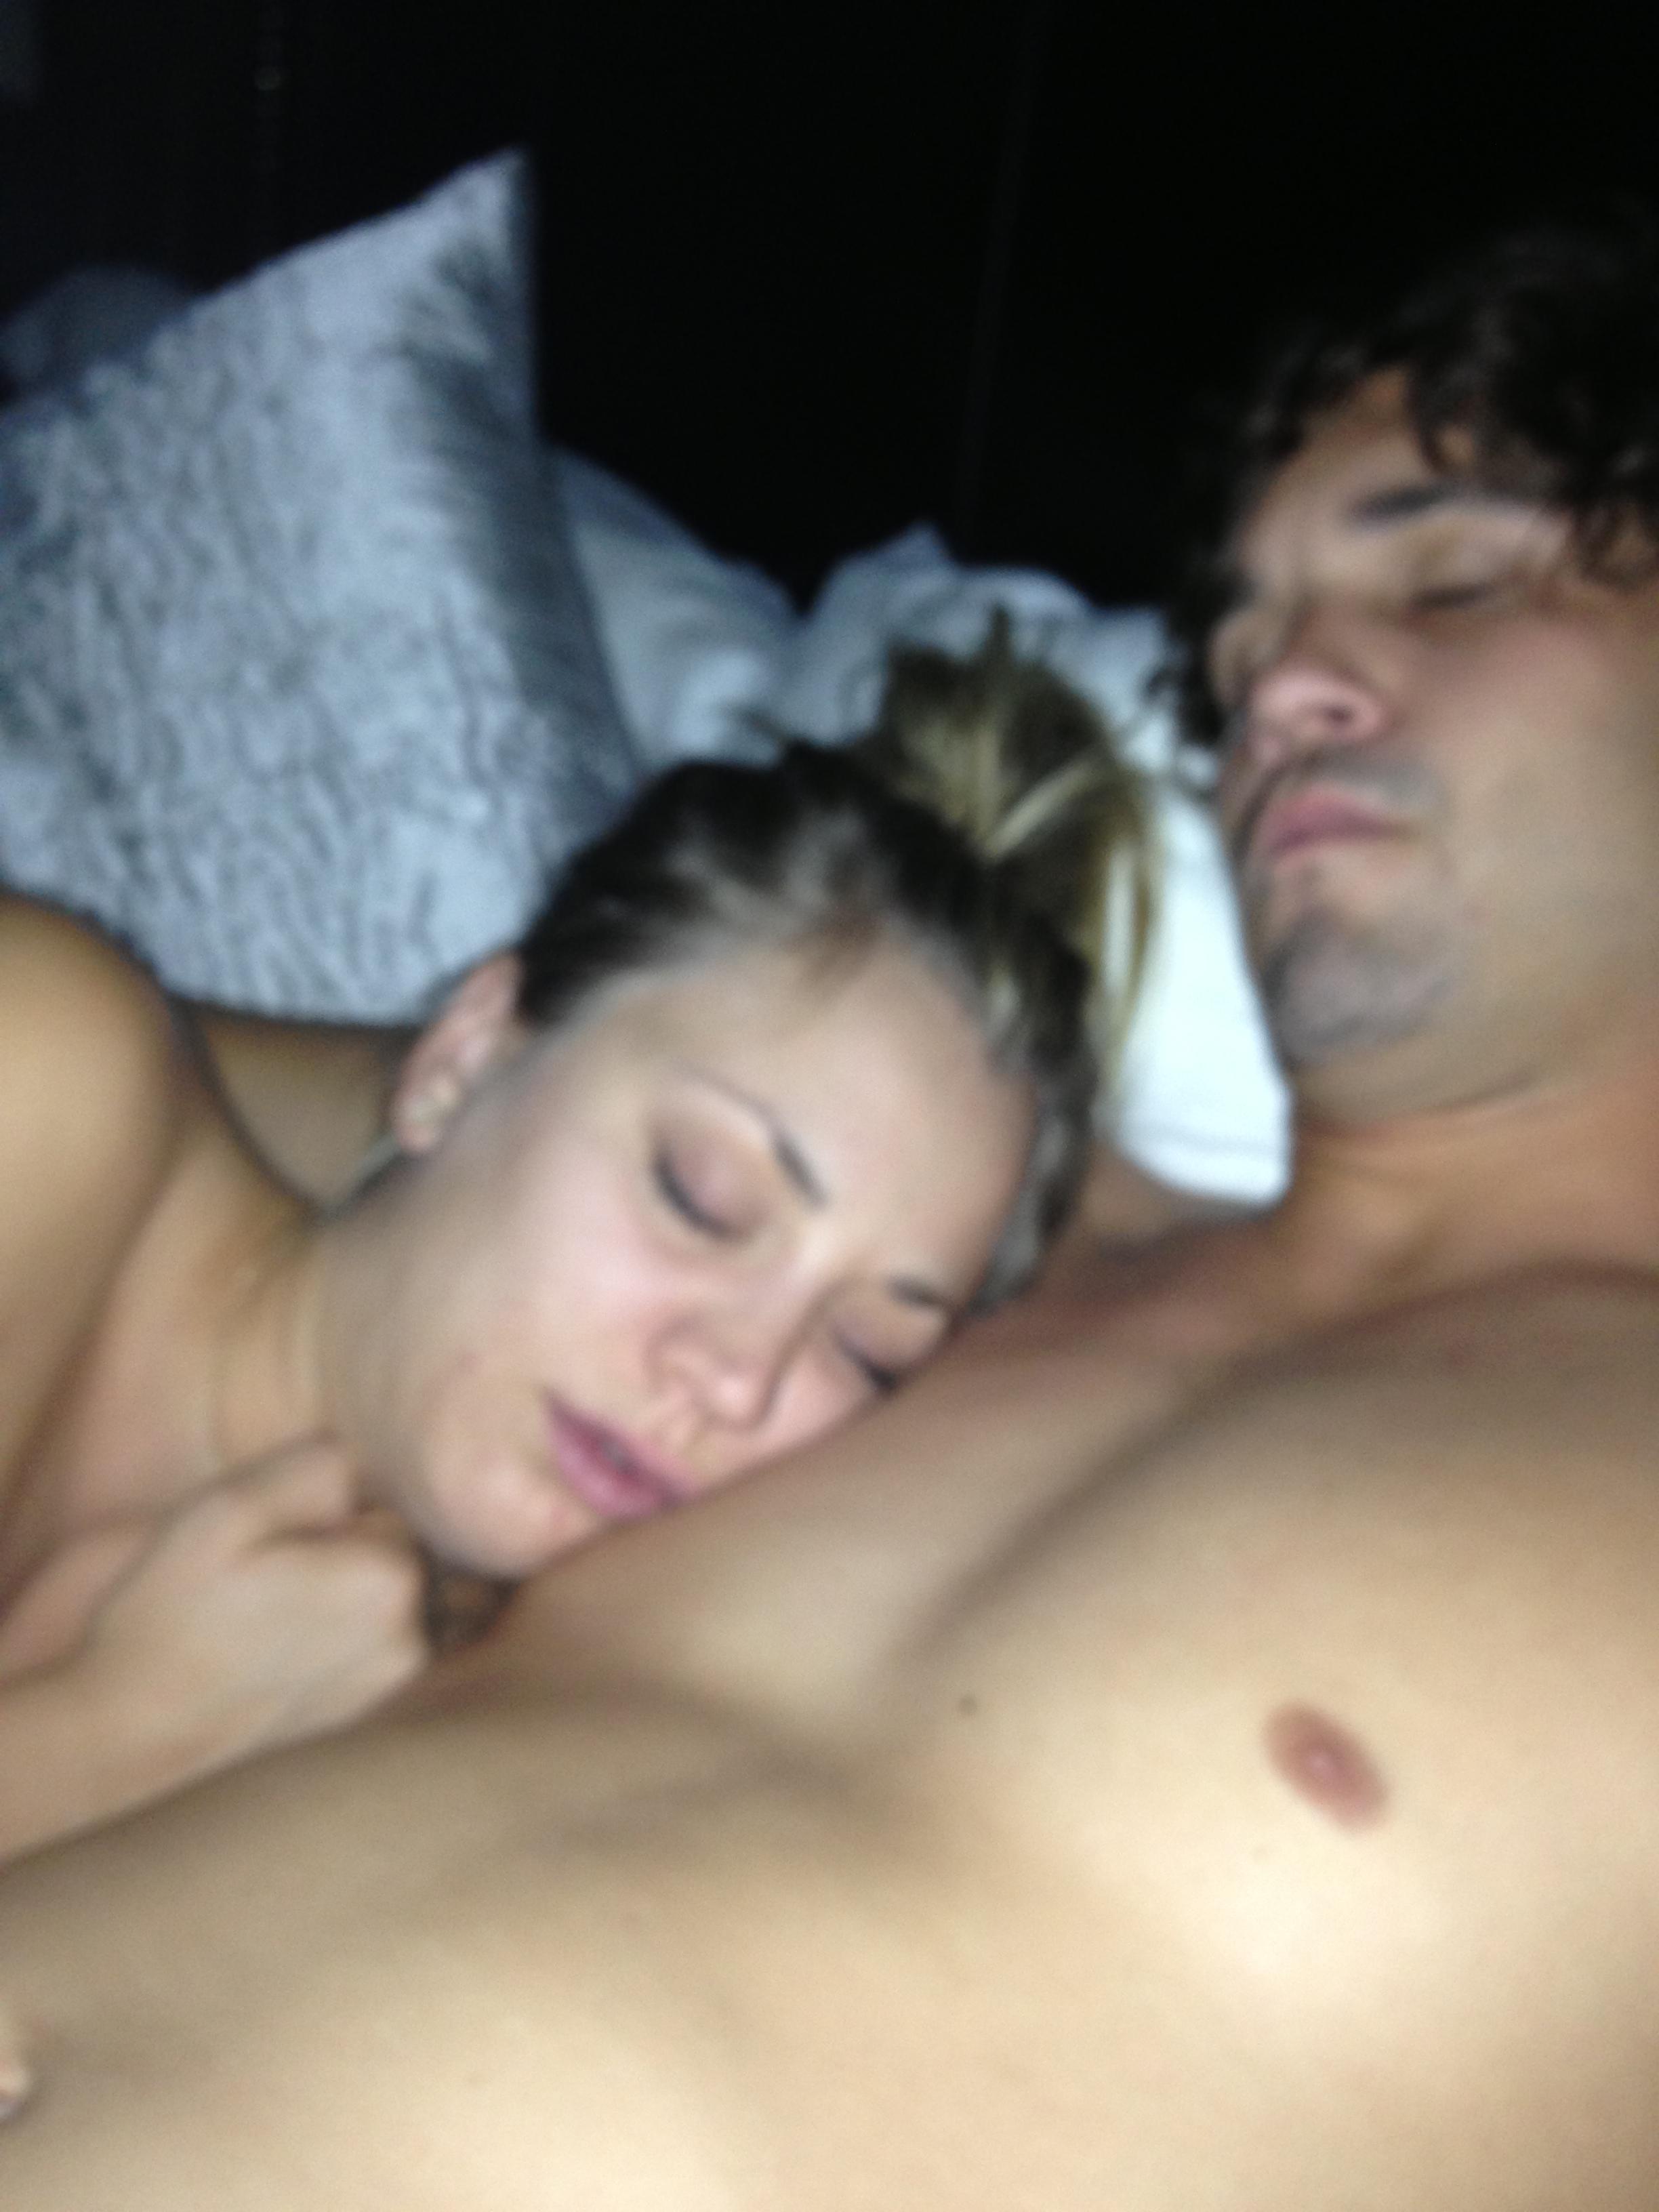 Fotos de desnudos de Shane West filtradas en internet